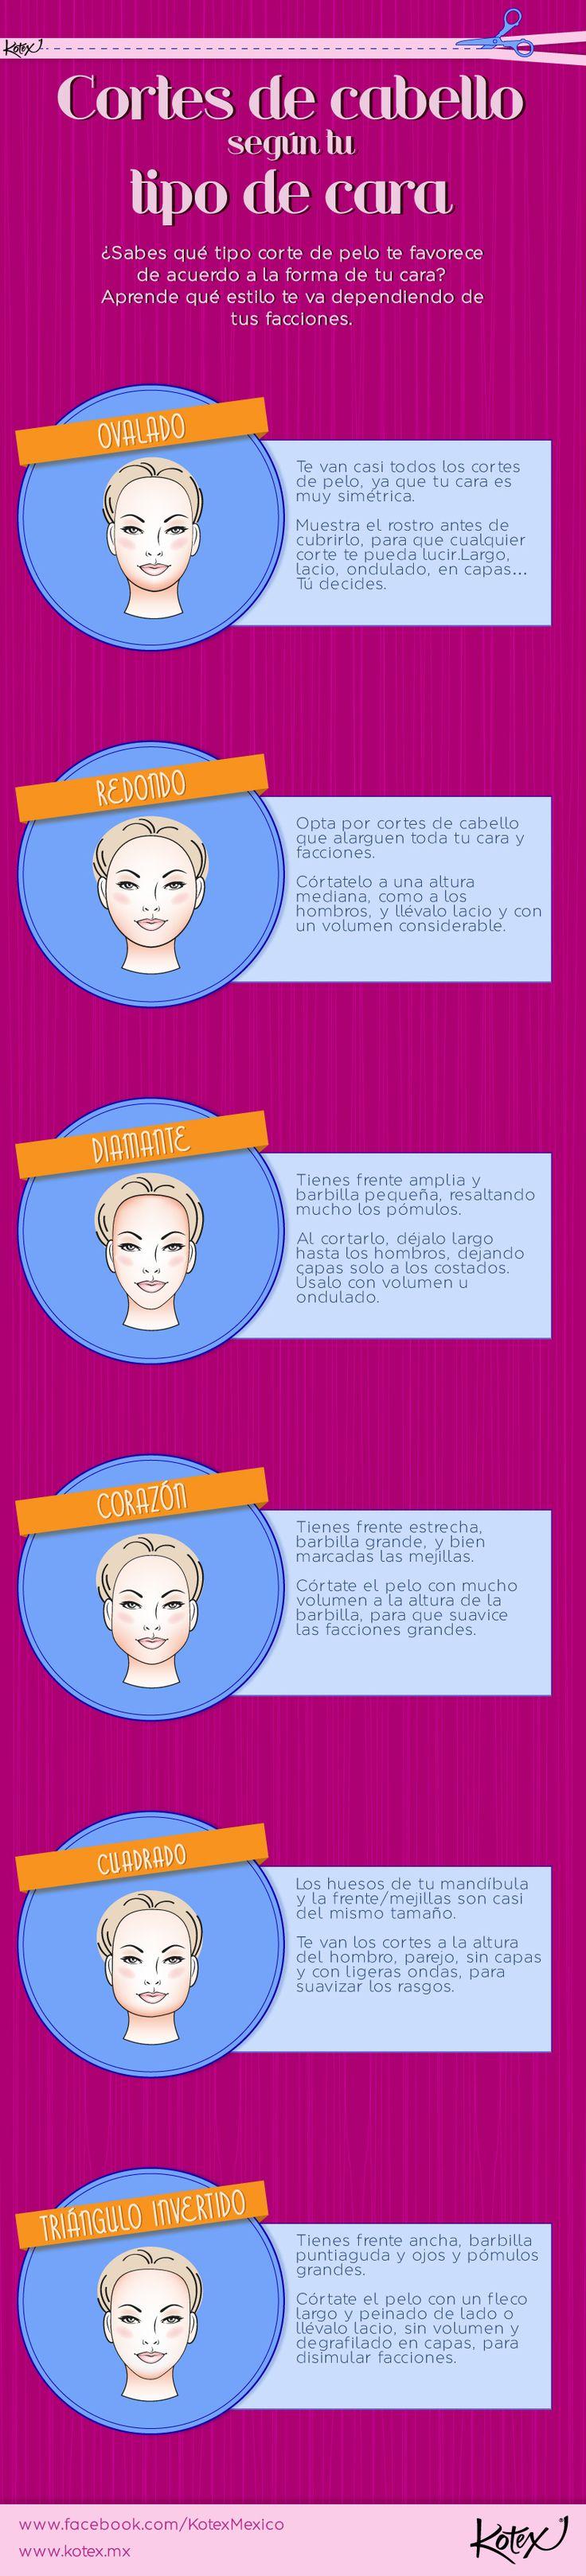 El cabello debe estilizarse según tu tipo de cara. ¿Ya sabes cuál es tu corte perfecto?